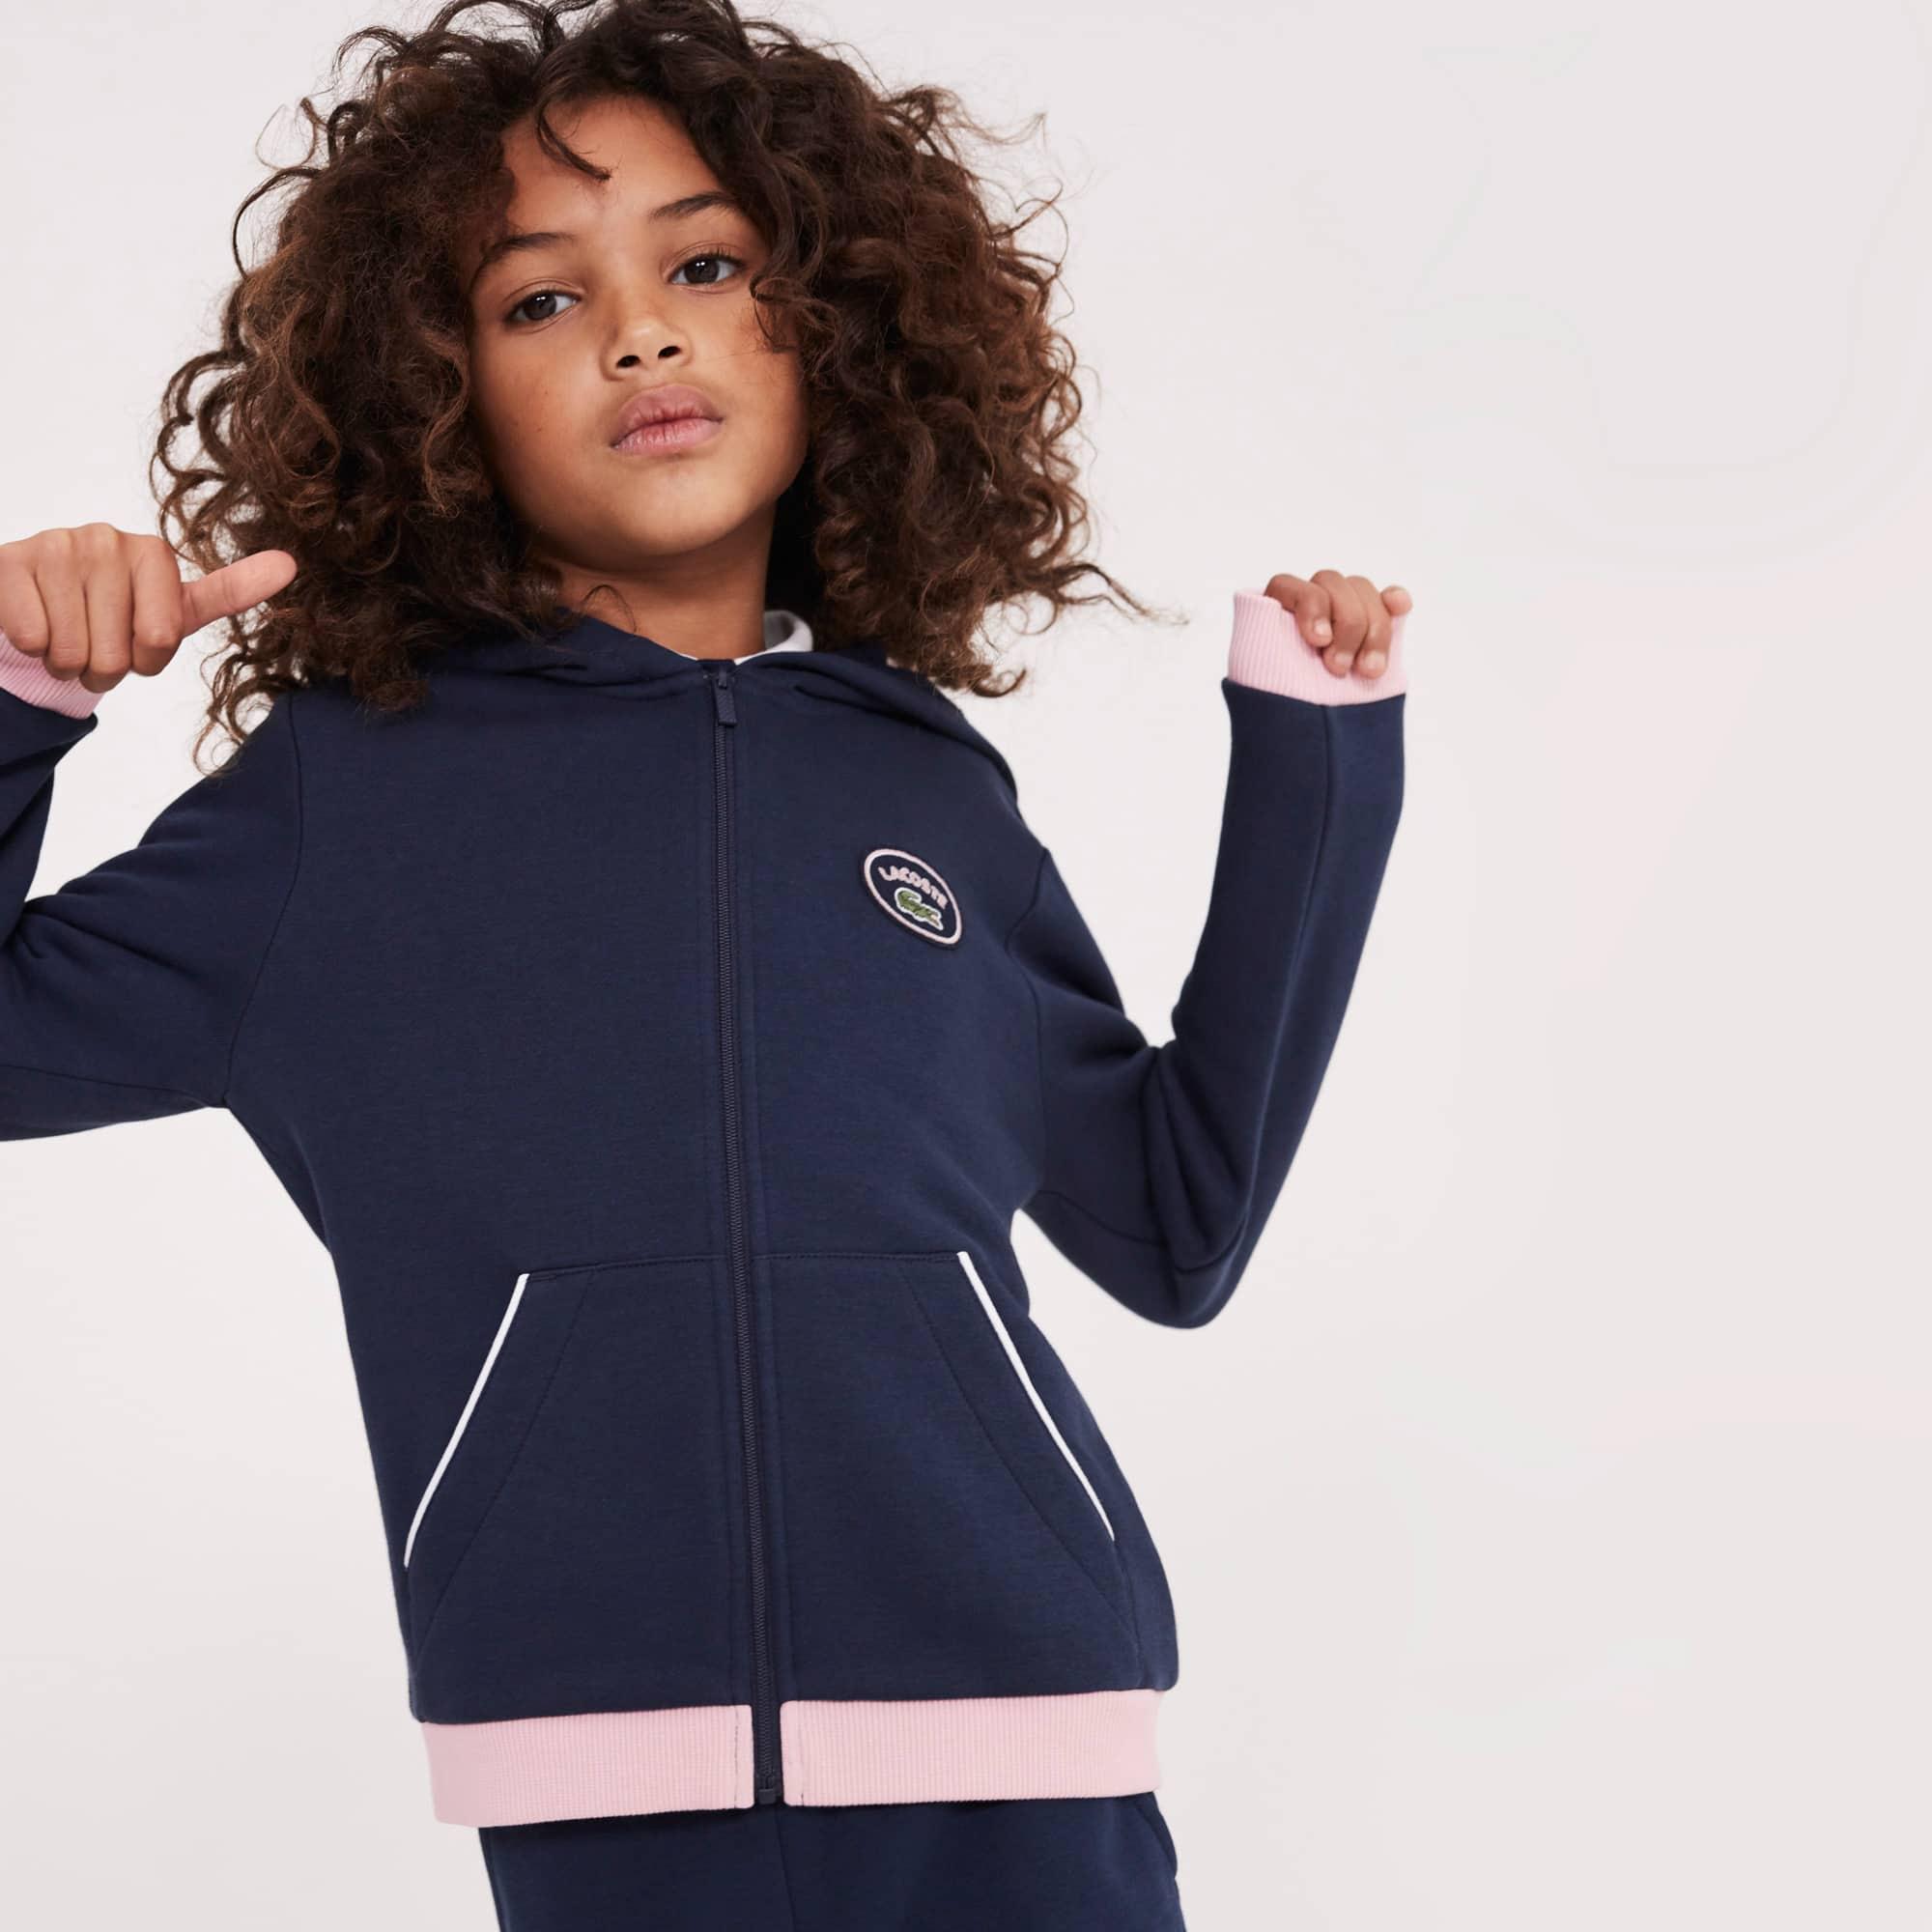 Girls' Hooded Zippered Contrast Accent Fleece Sweatshirt